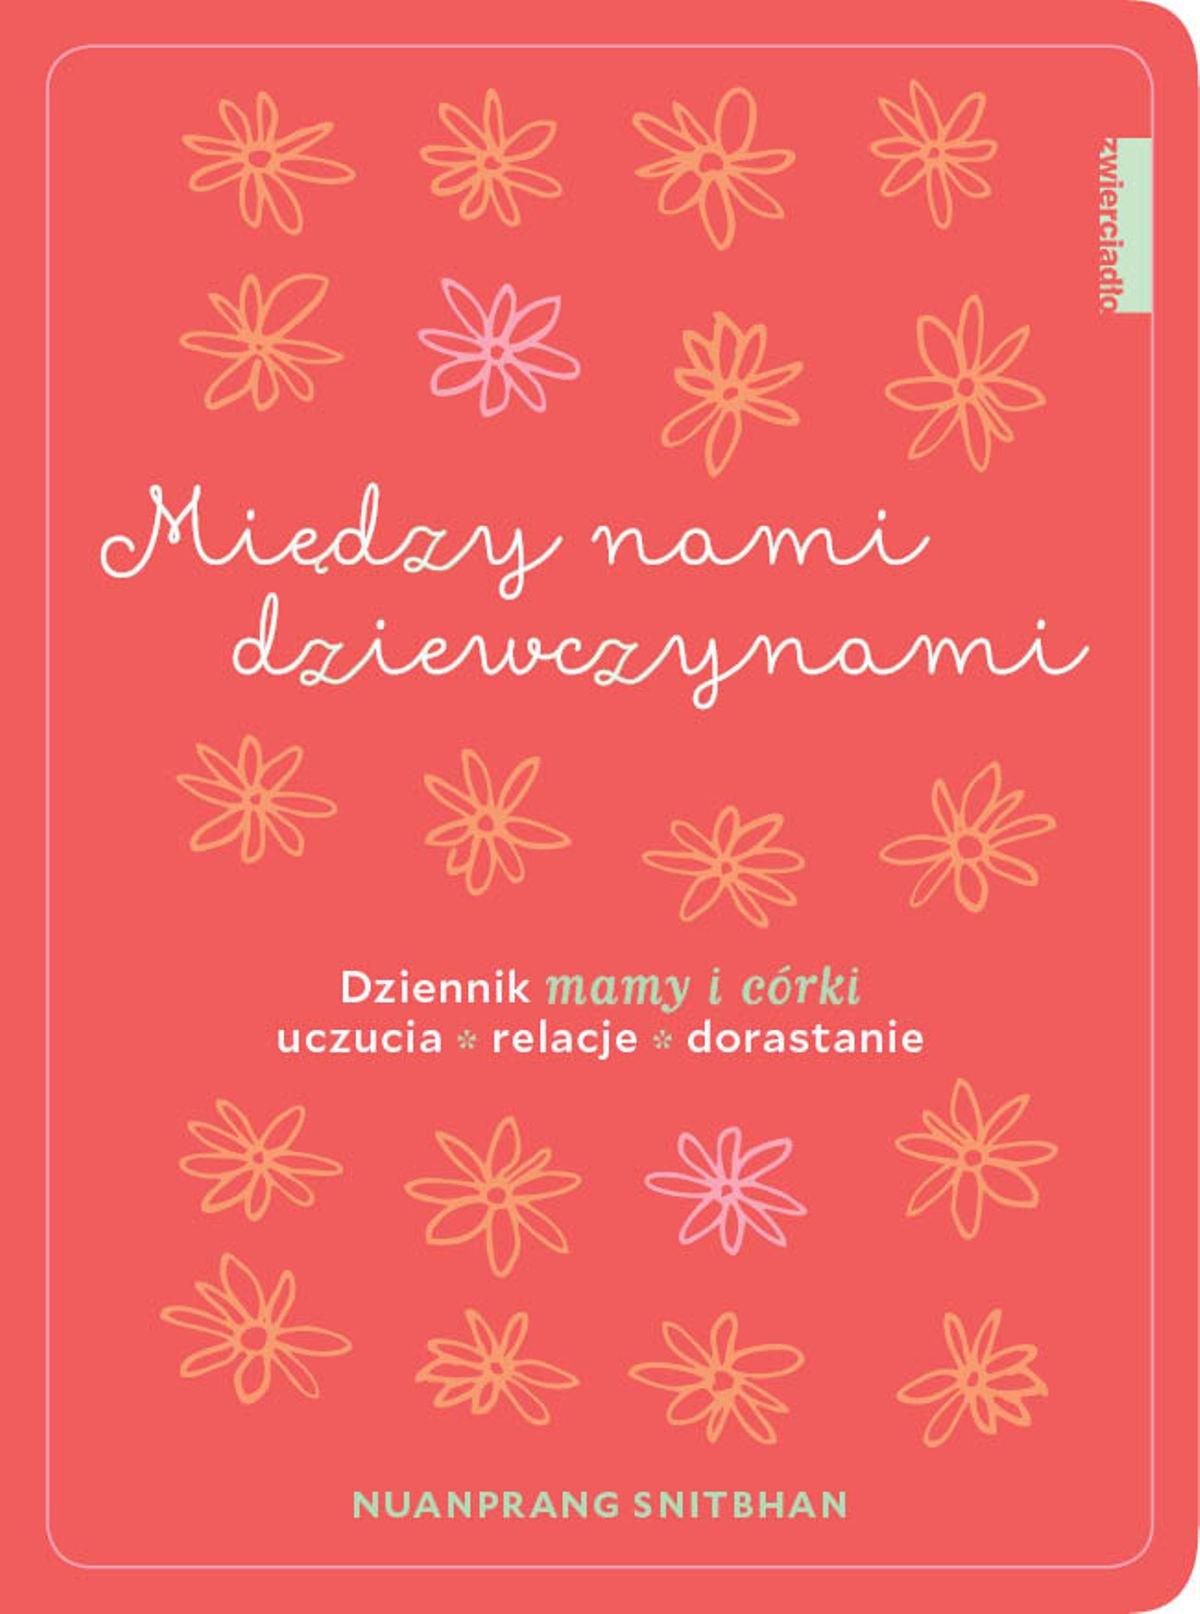 Między nami dziewczynami. Dziennik mamy i córki - Ebook (Książka na Kindle) do pobrania w formacie MOBI